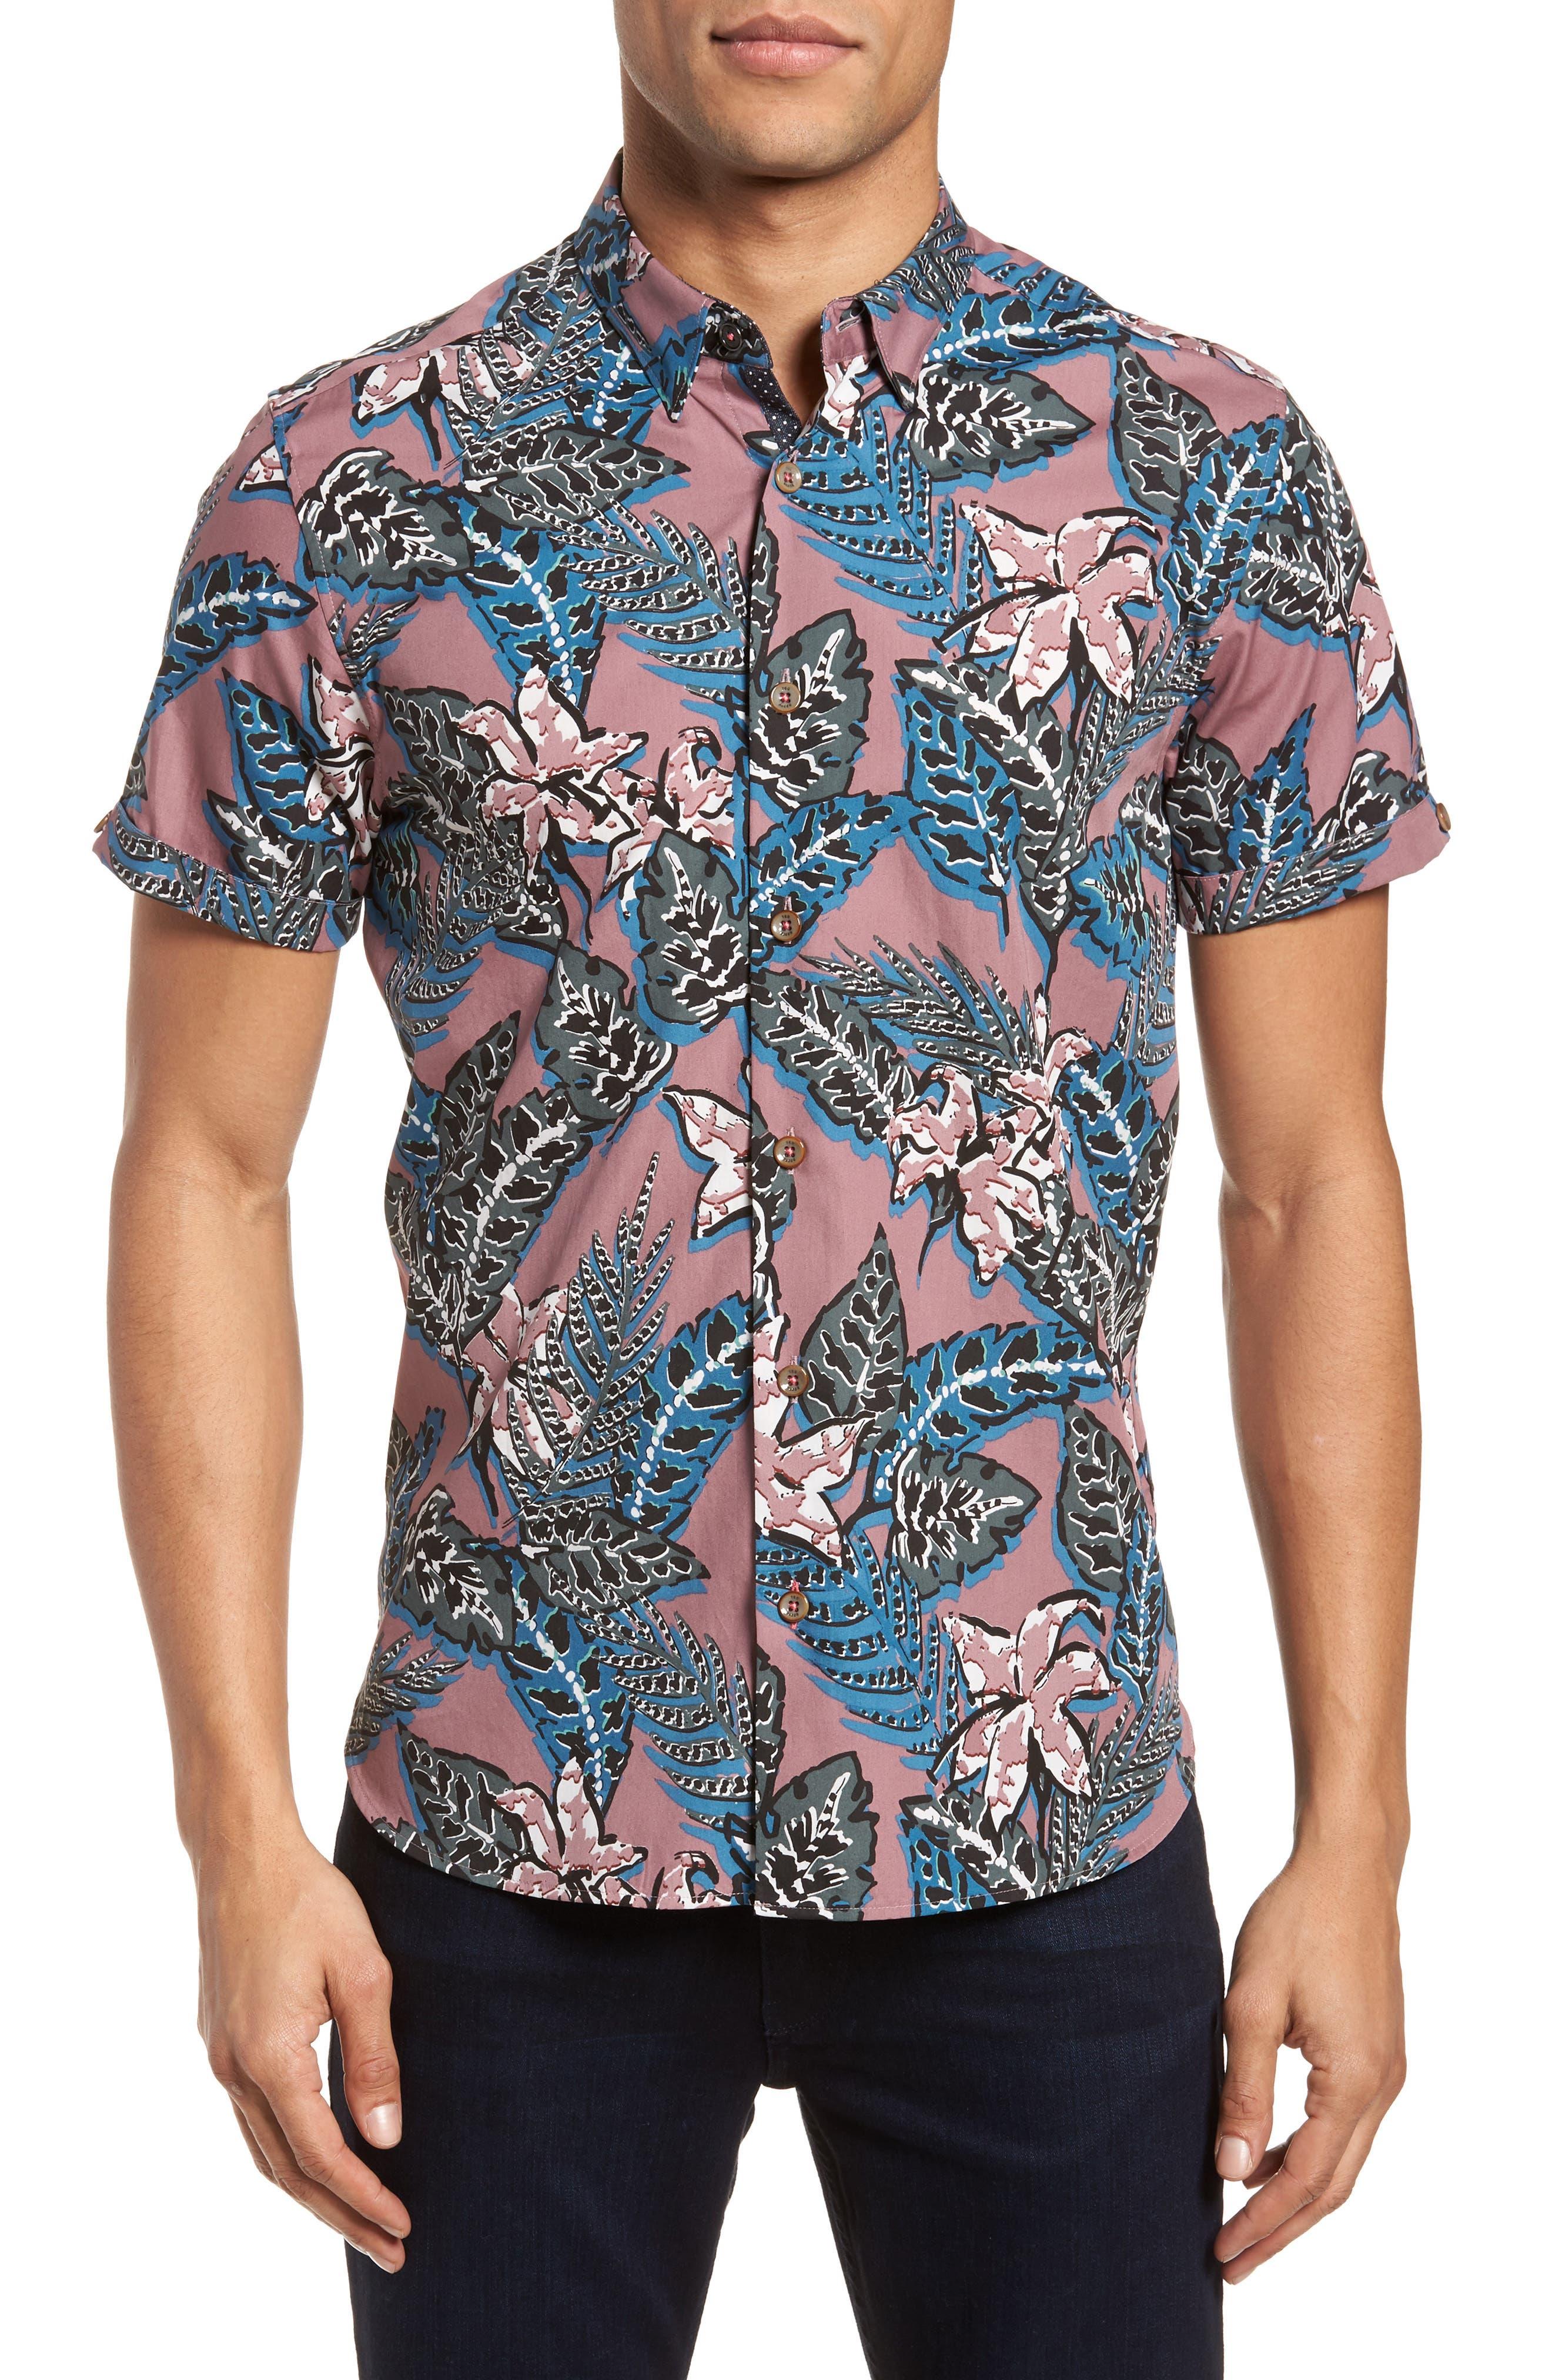 Clbtrop Trim Fit Tropical Woven Shirt,                             Main thumbnail 1, color,